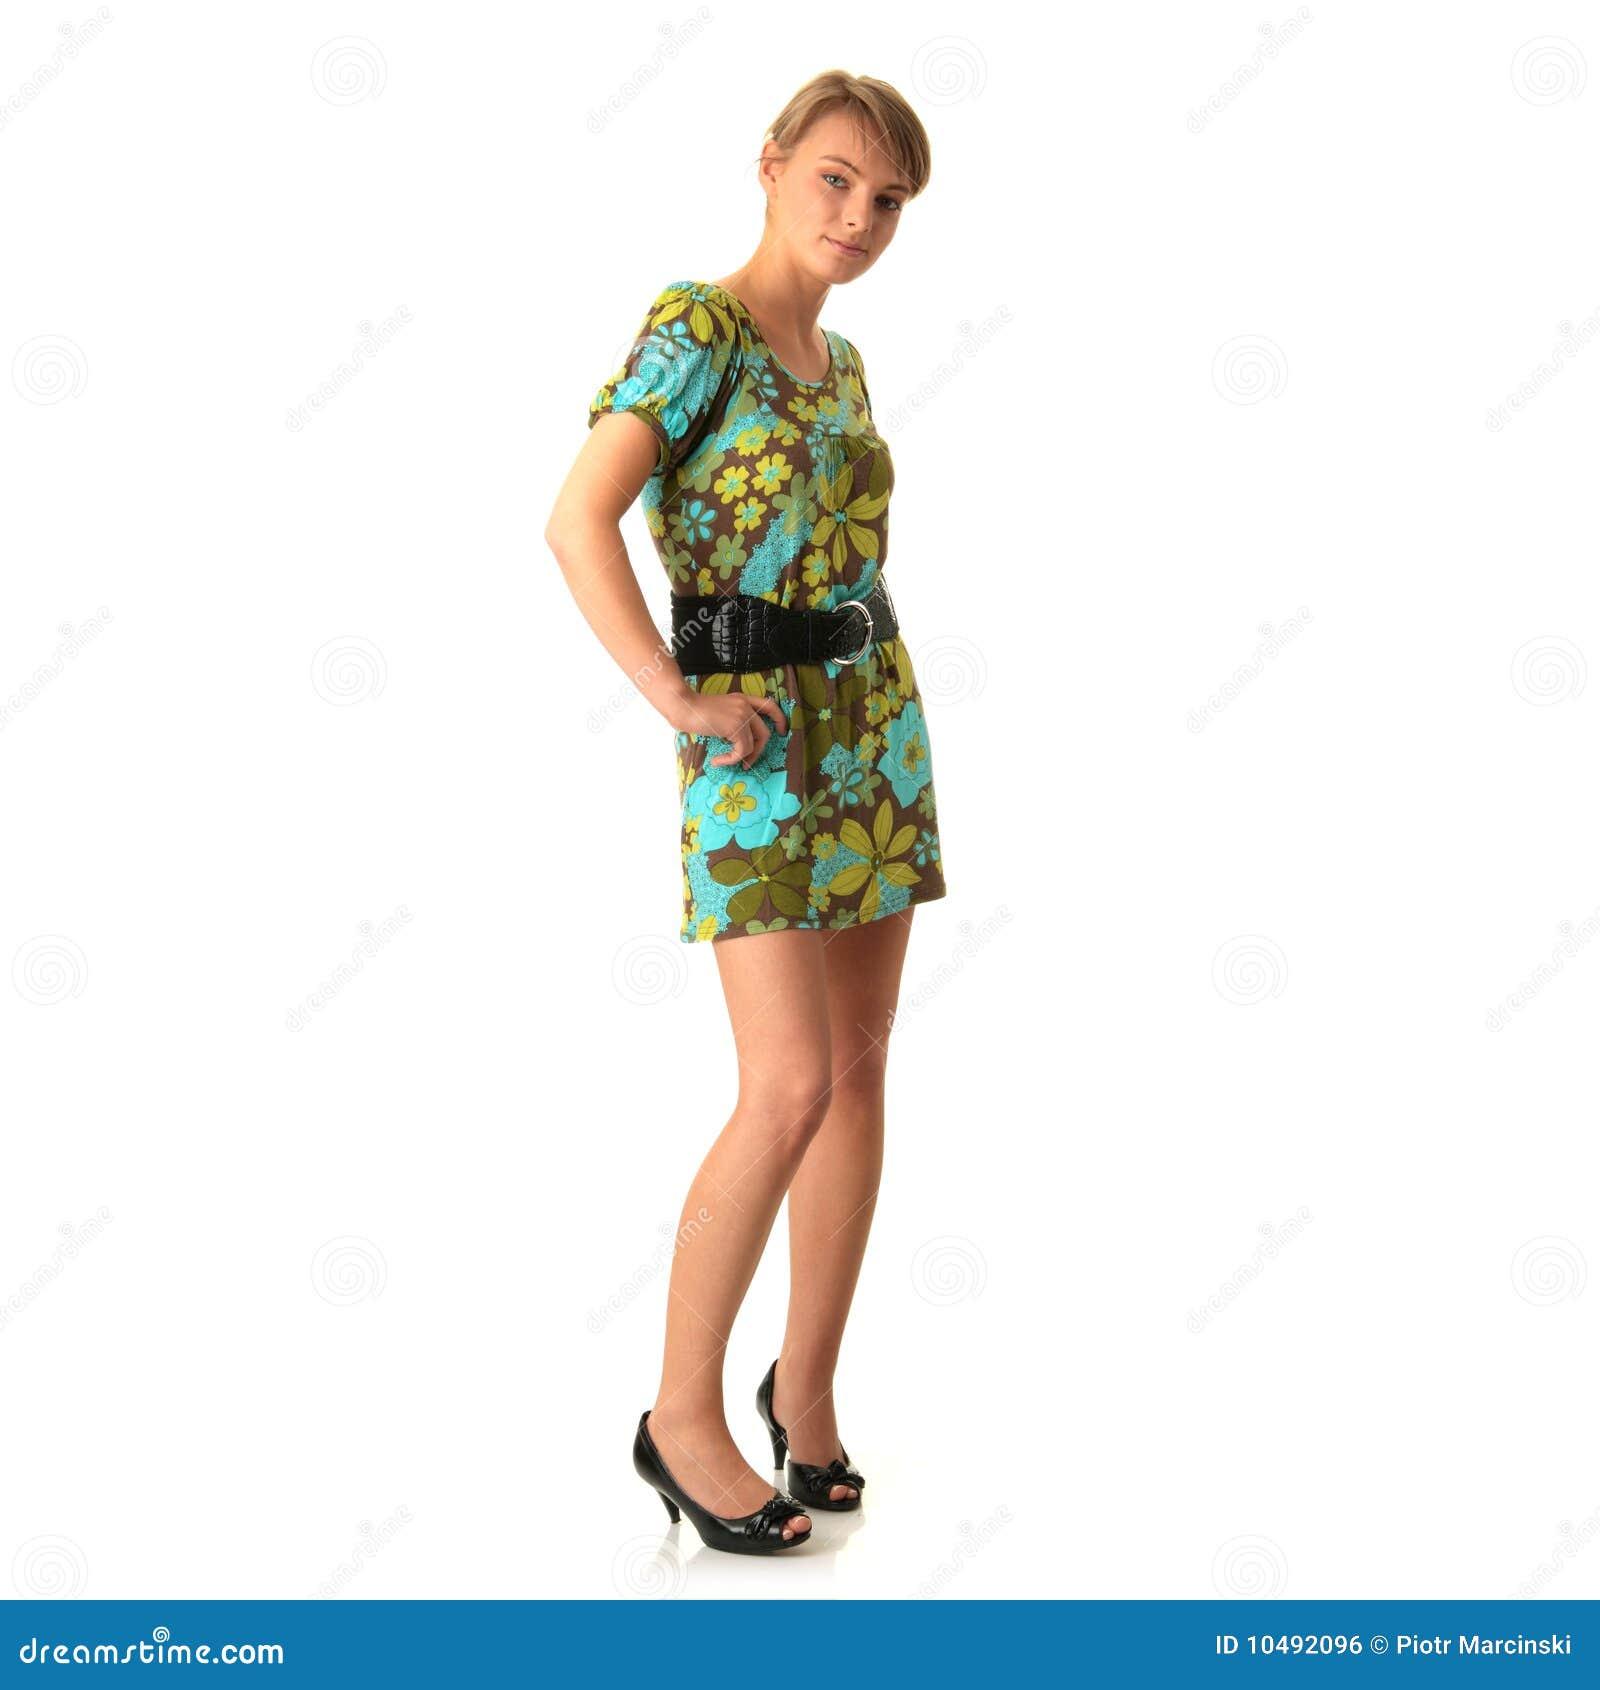 Nackte Frau in Highheels — Stockfoto © piotr_marcinski